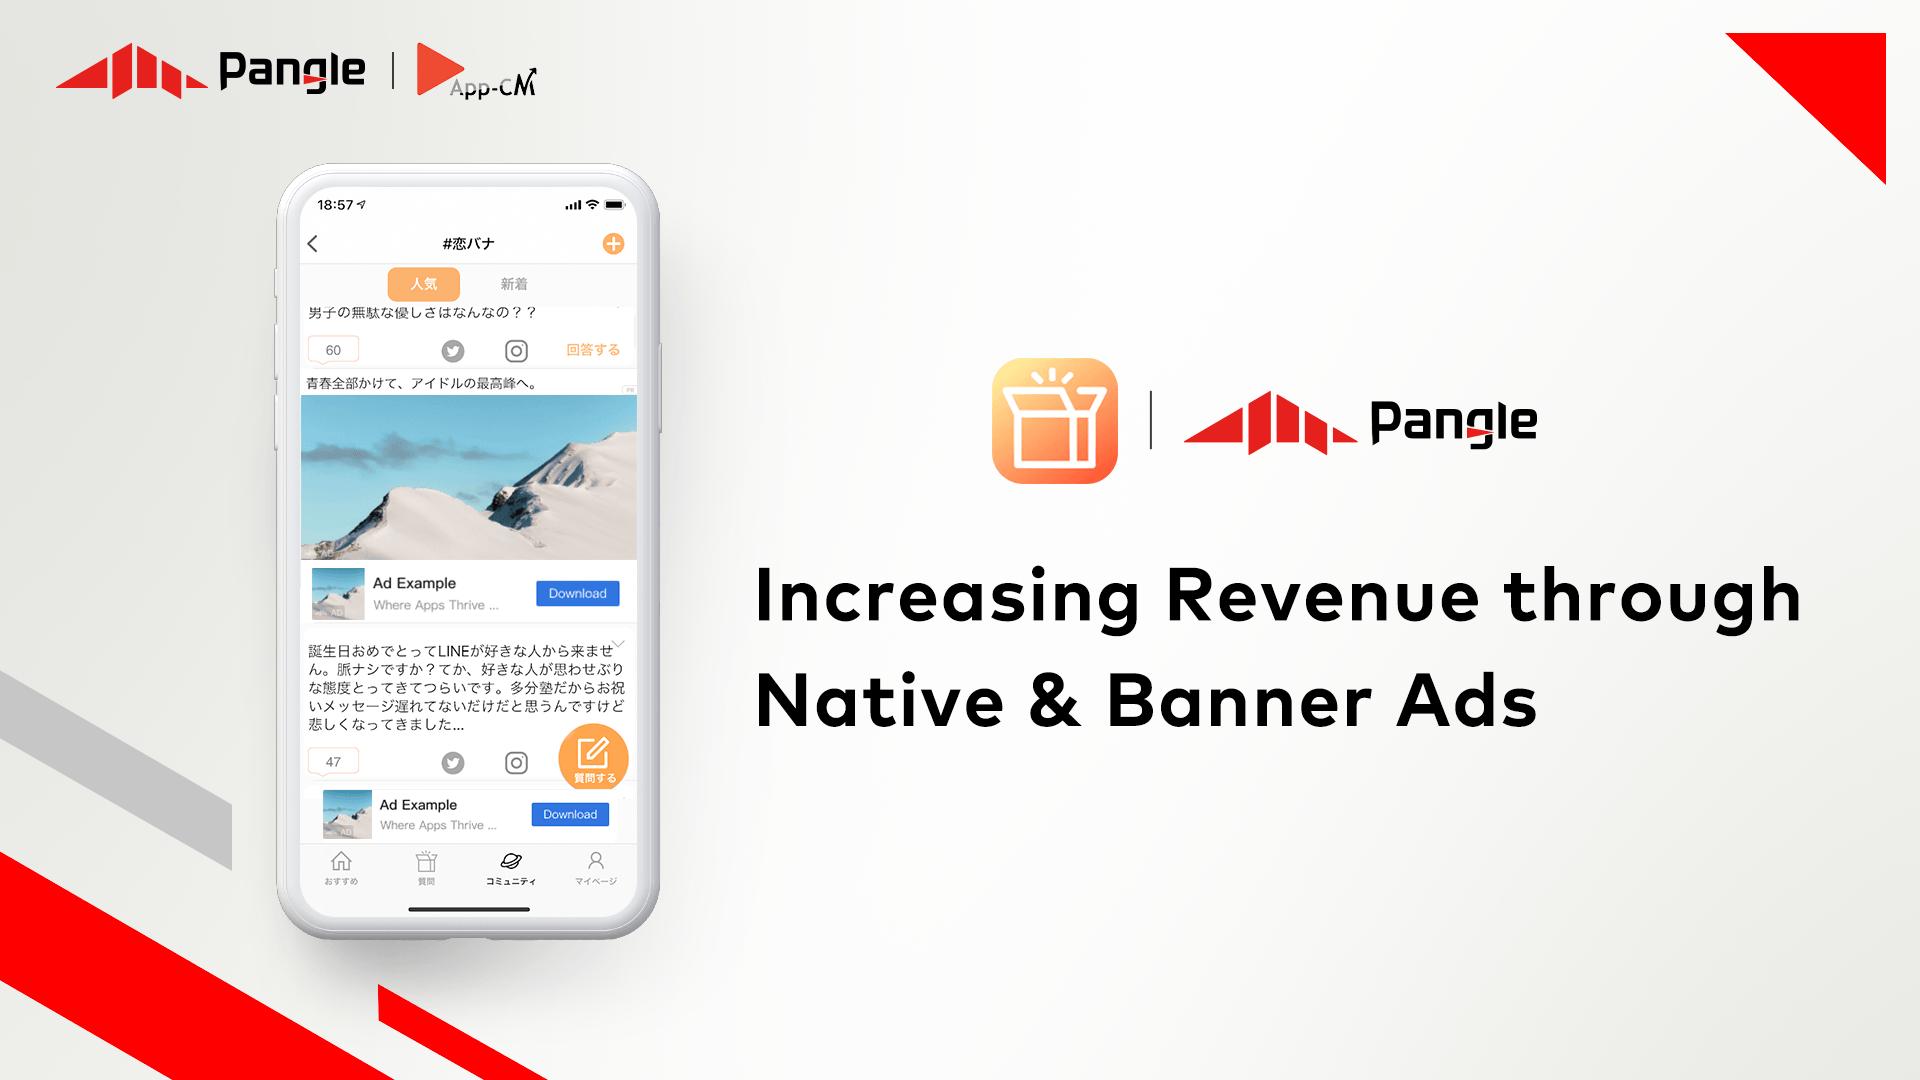 Z世代向け質問型SNSアプリ「BoxFresh」がPangleを活用することで広告収益増加。自社のミッションを実現:アップシーエム